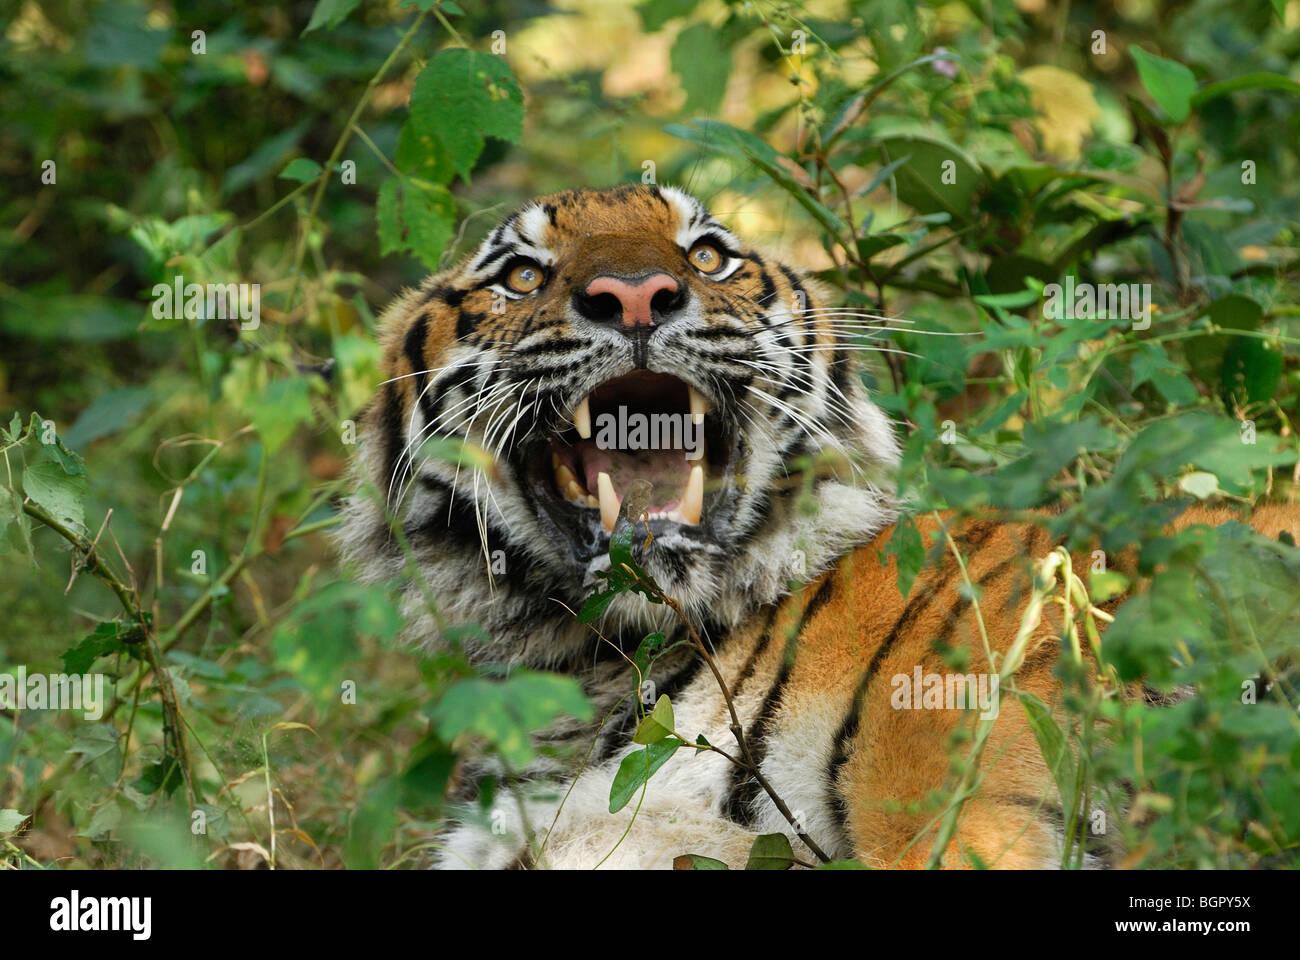 El tigre (Panthera tigris), adulto gruñir, Tailandia Foto de stock